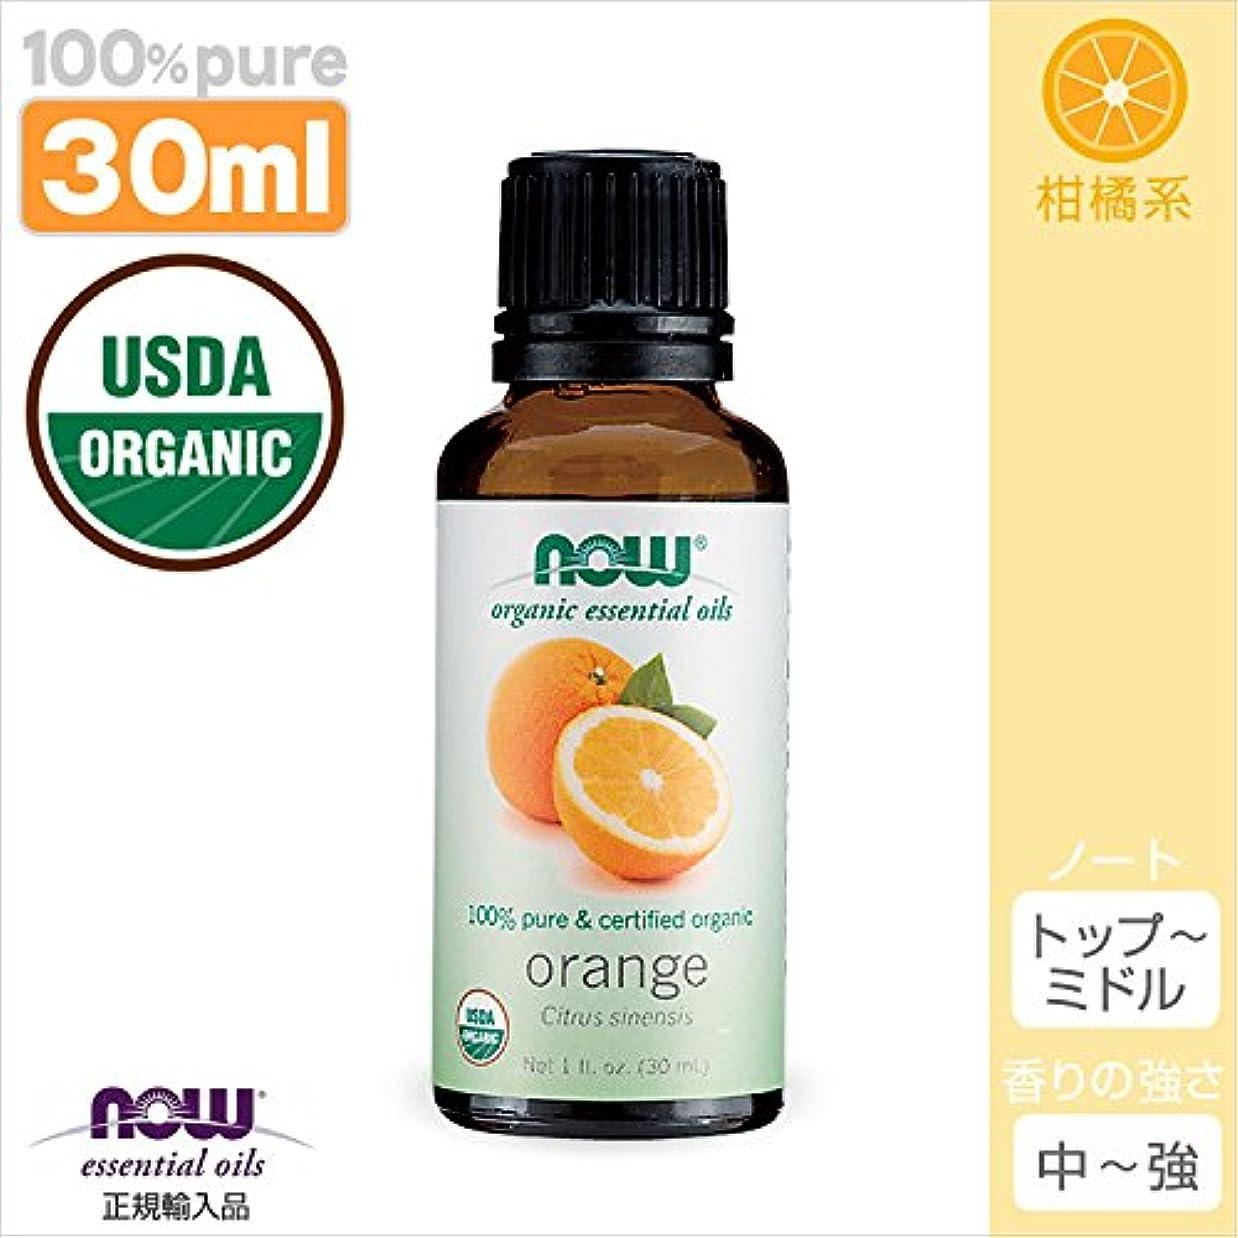 異なる適合する傑作オレンジ精油オーガニック[30ml] 【正規輸入品】 NOWエッセンシャルオイル(アロマオイル)